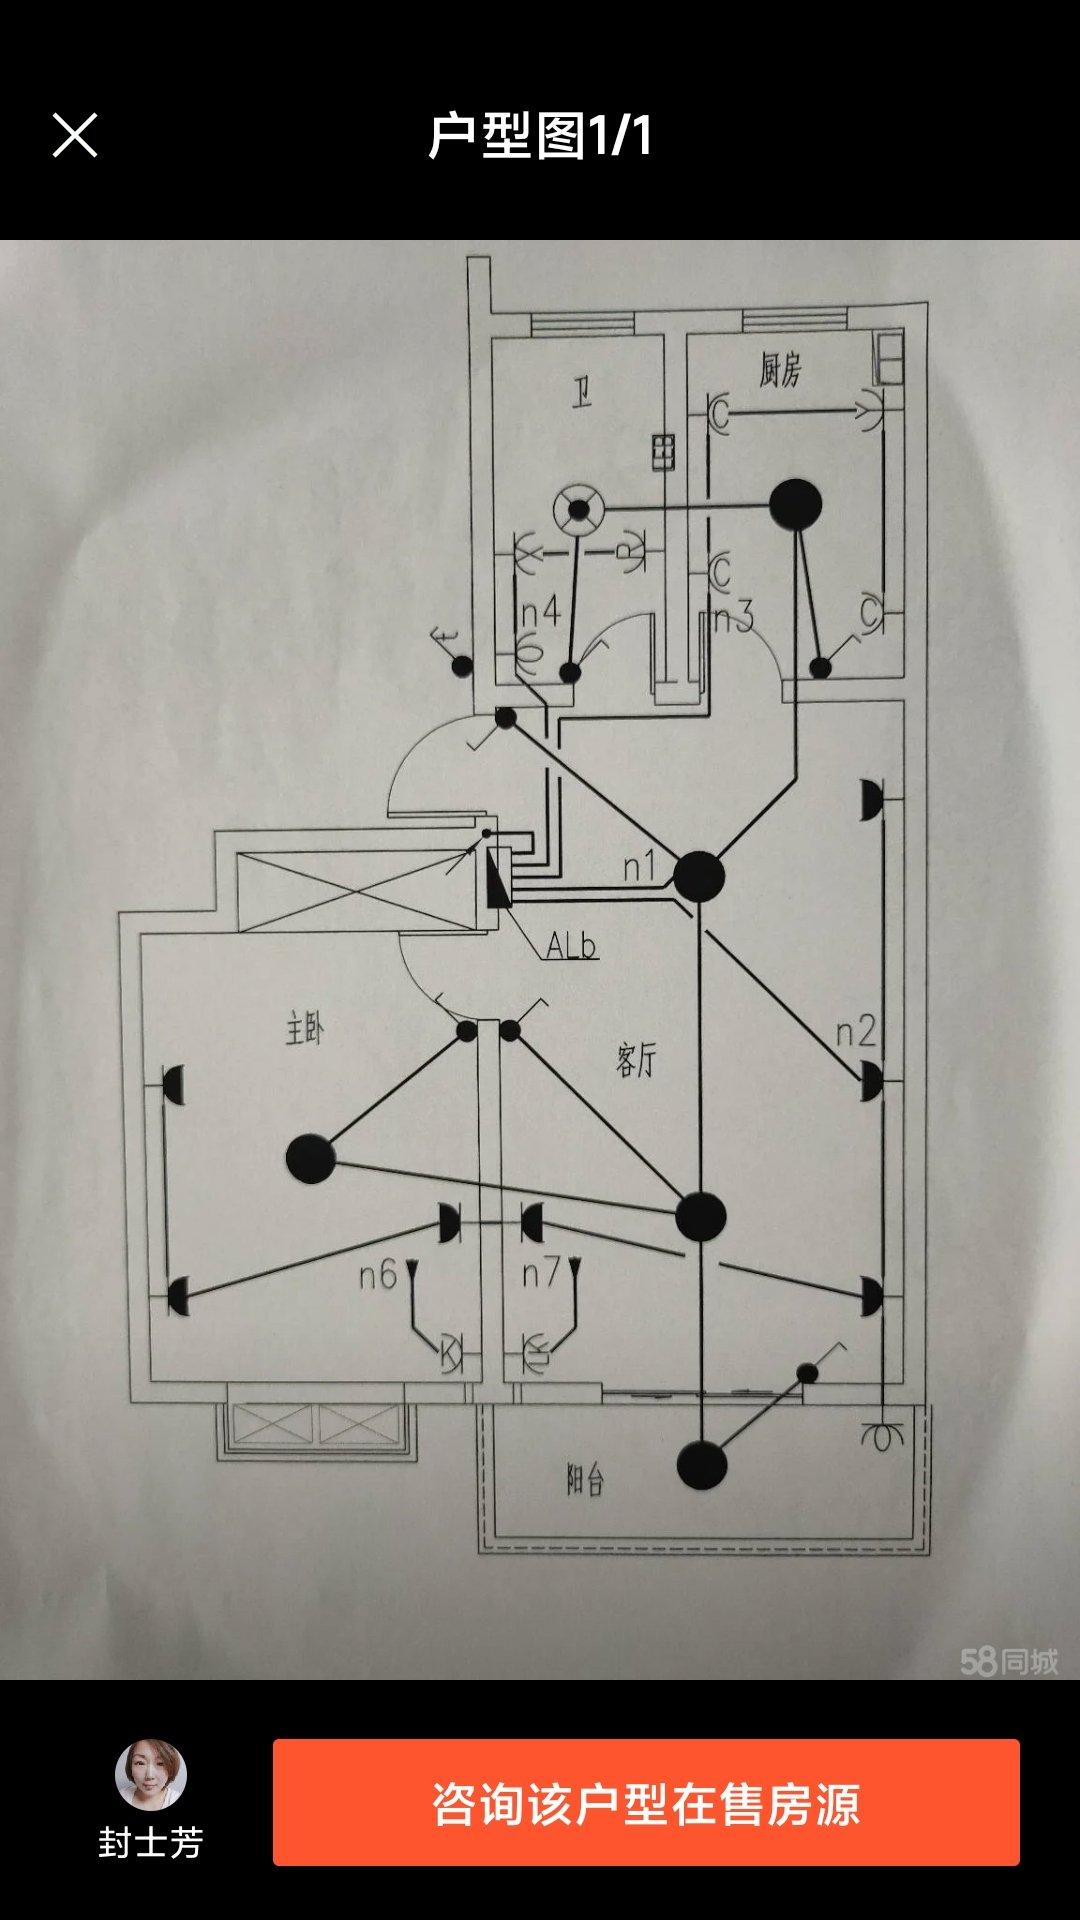 求这个户型装修成2房,中间客厅怎么解决采光问题